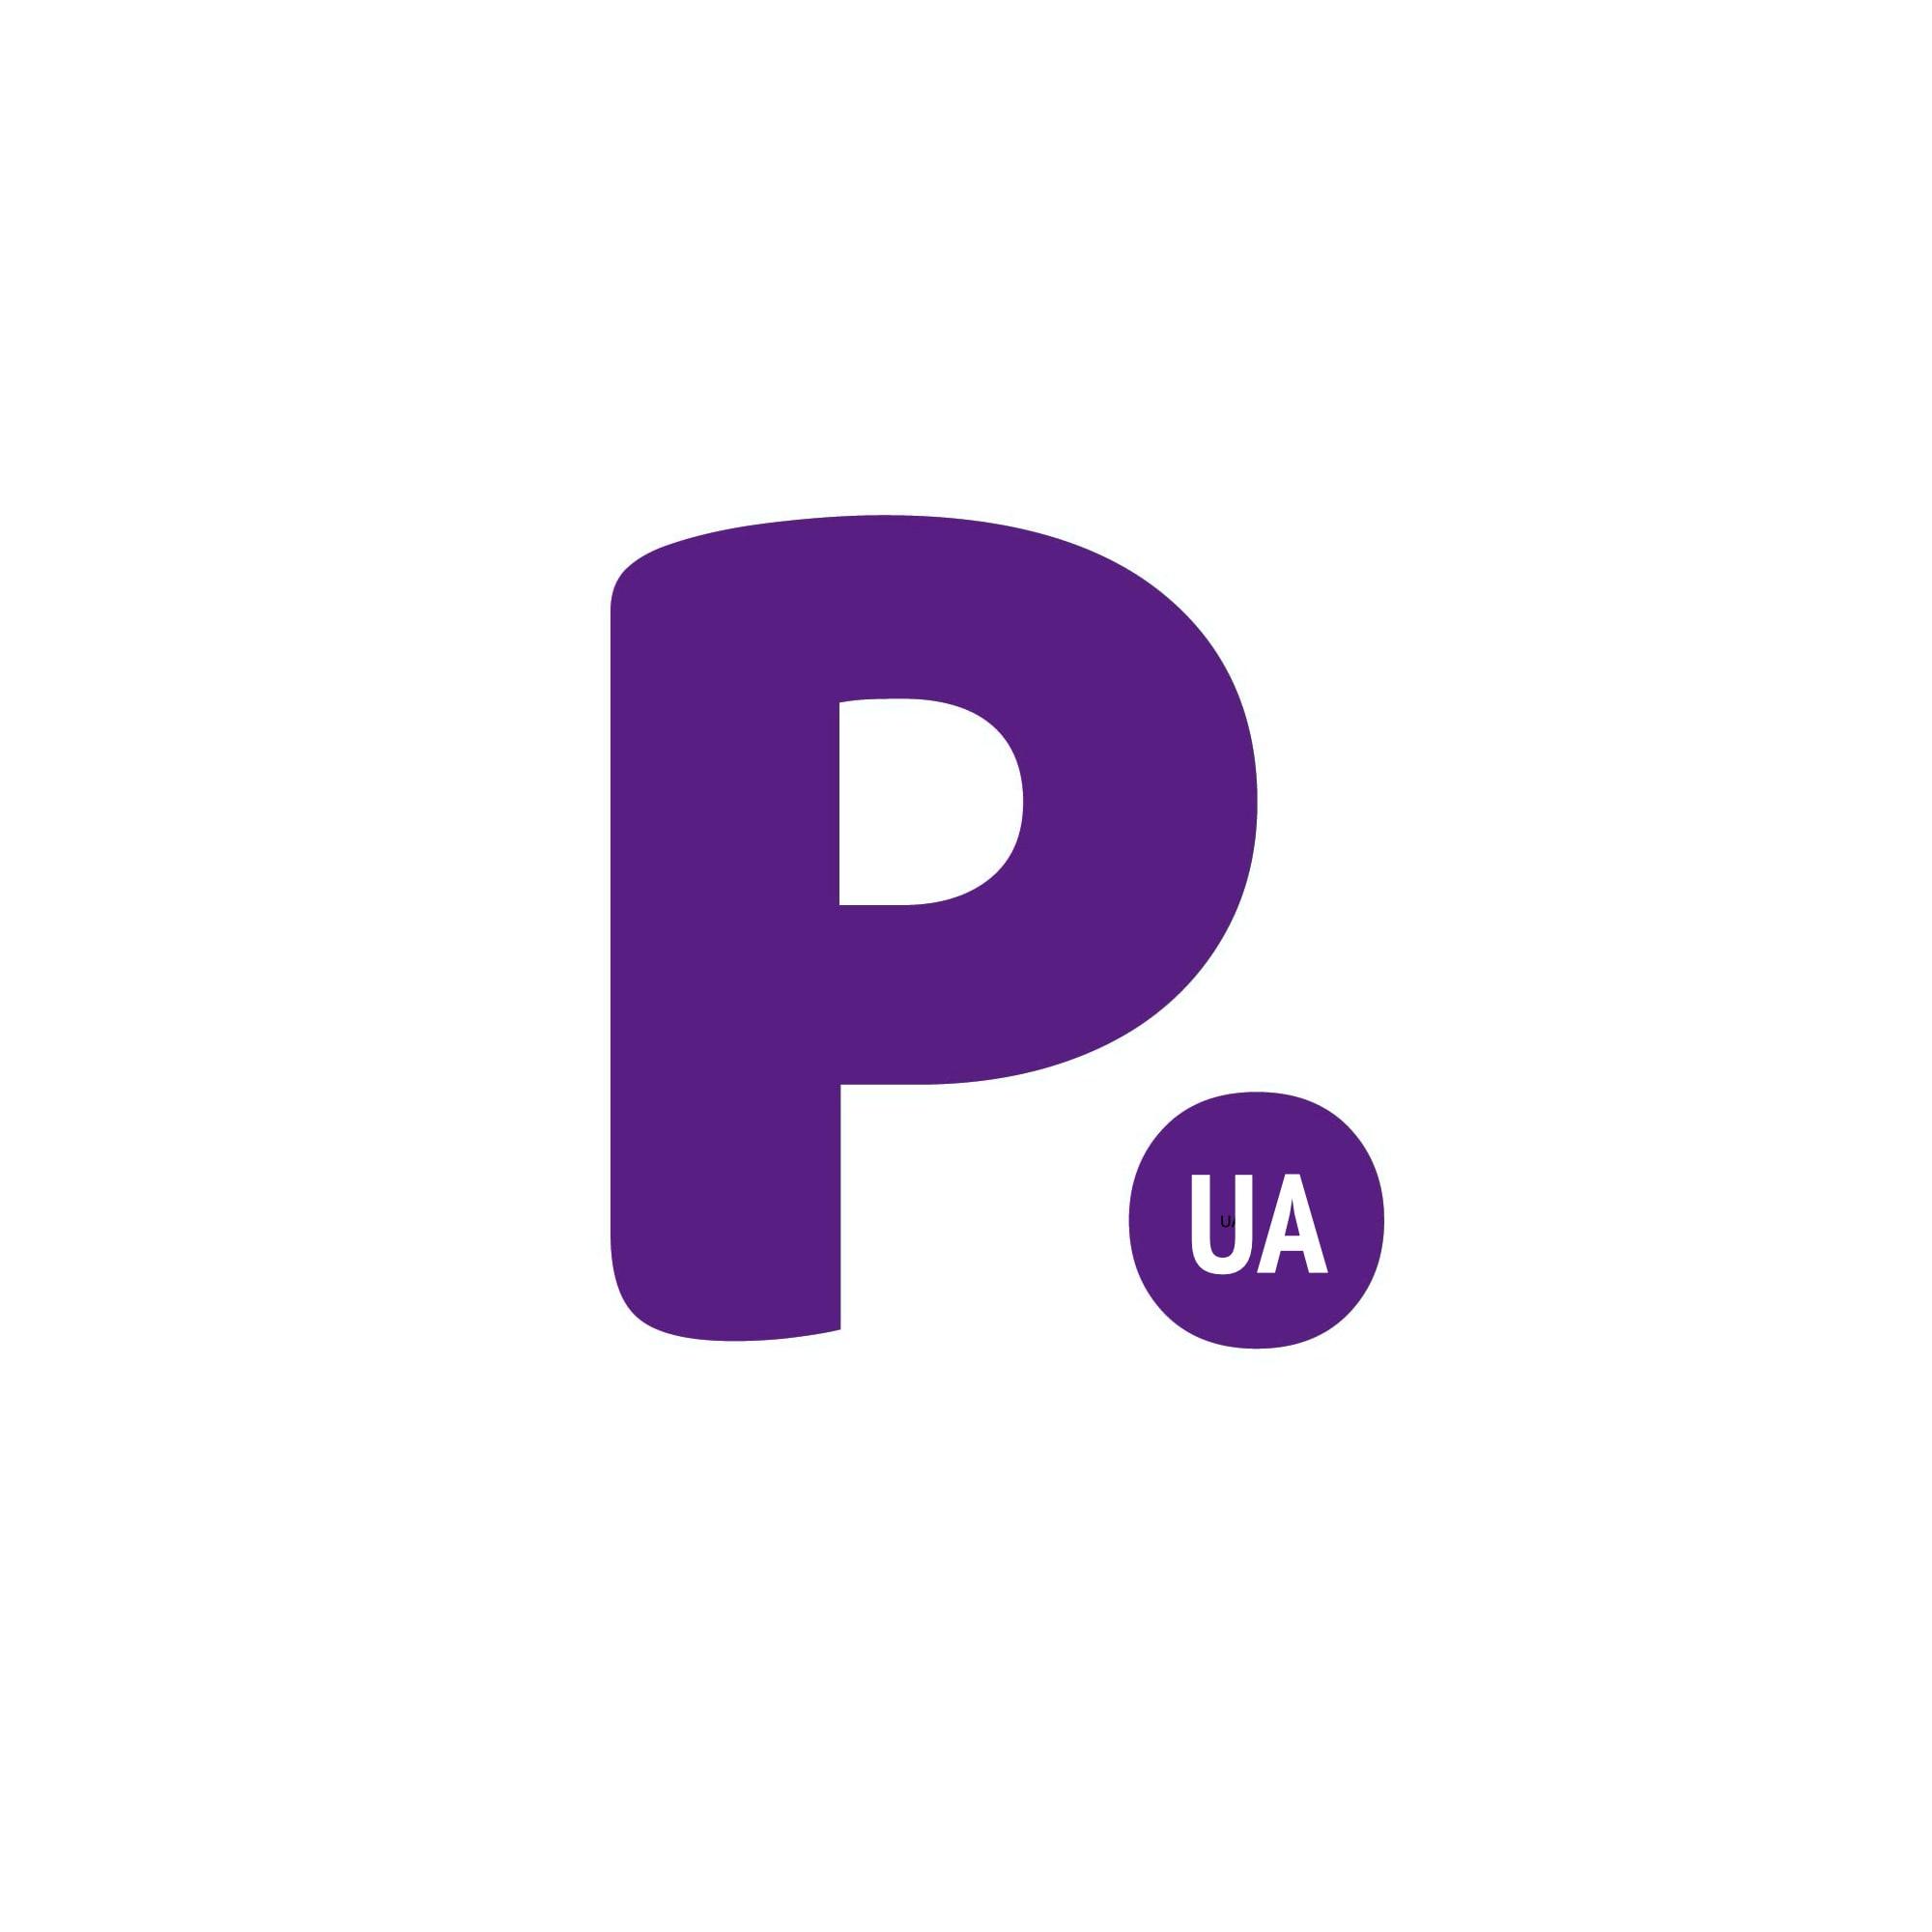 Фильтр АНК для пылесоса 3M/OMEGA/АП 2388 (6002045) универсальный